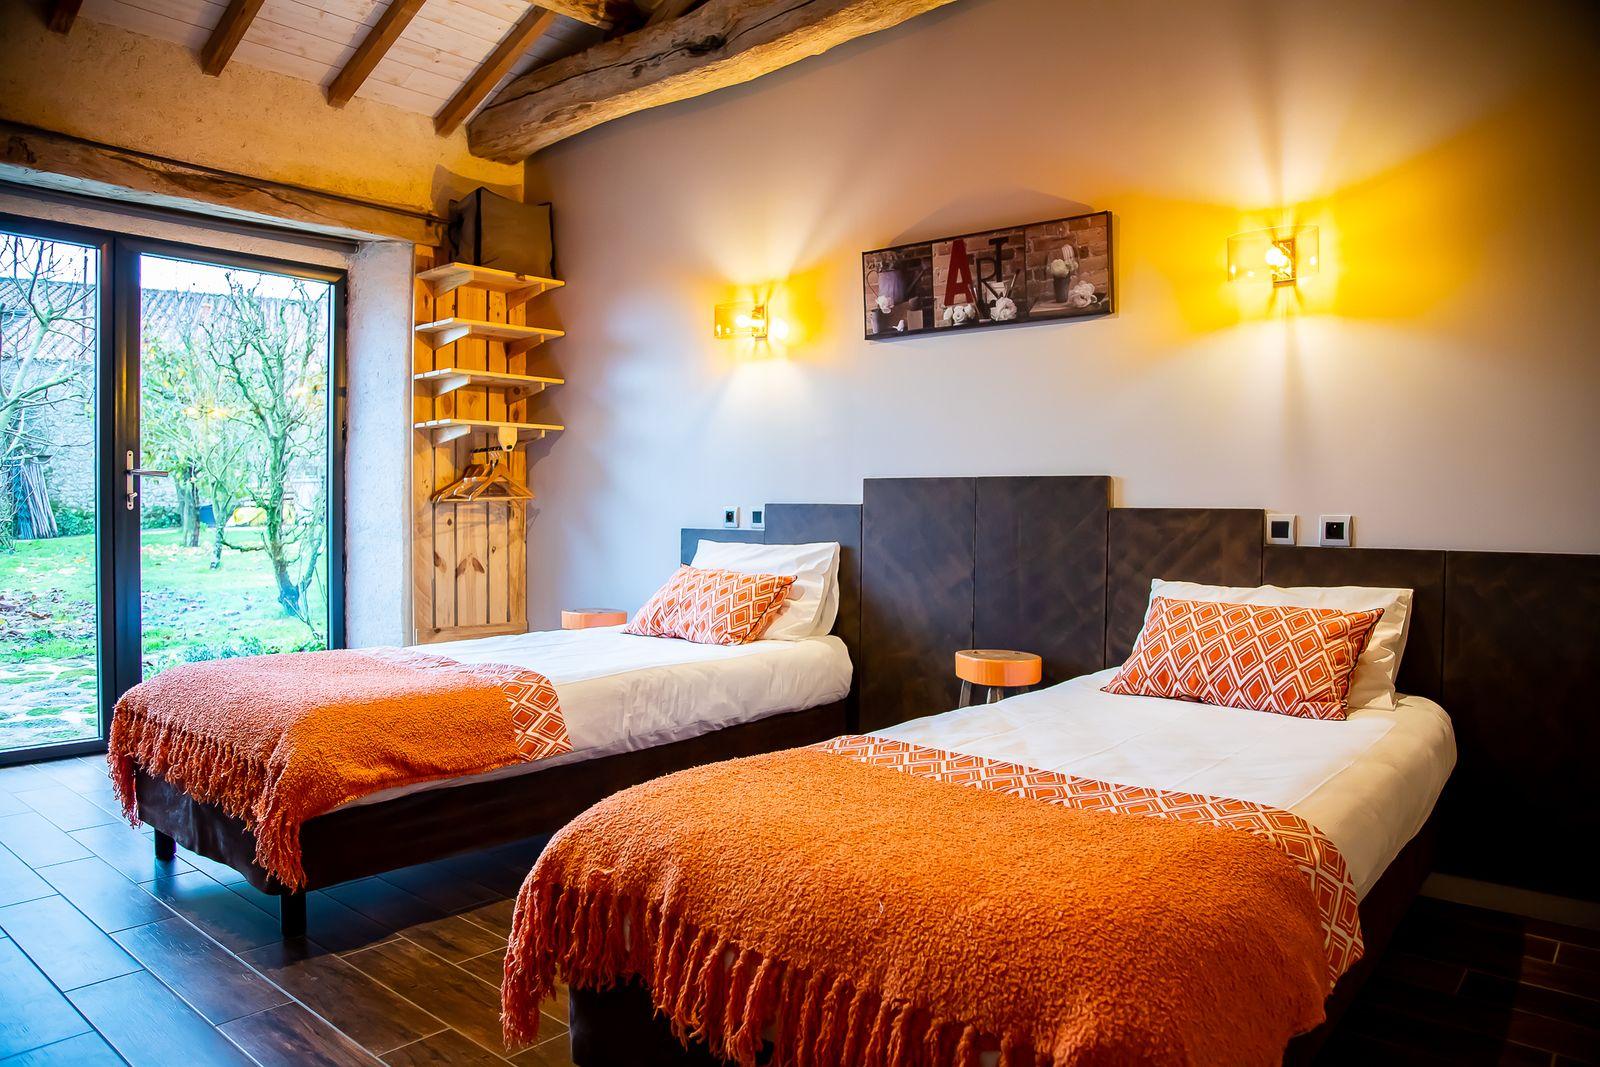 chambre orange version 2 lits simple de 90/200 cm